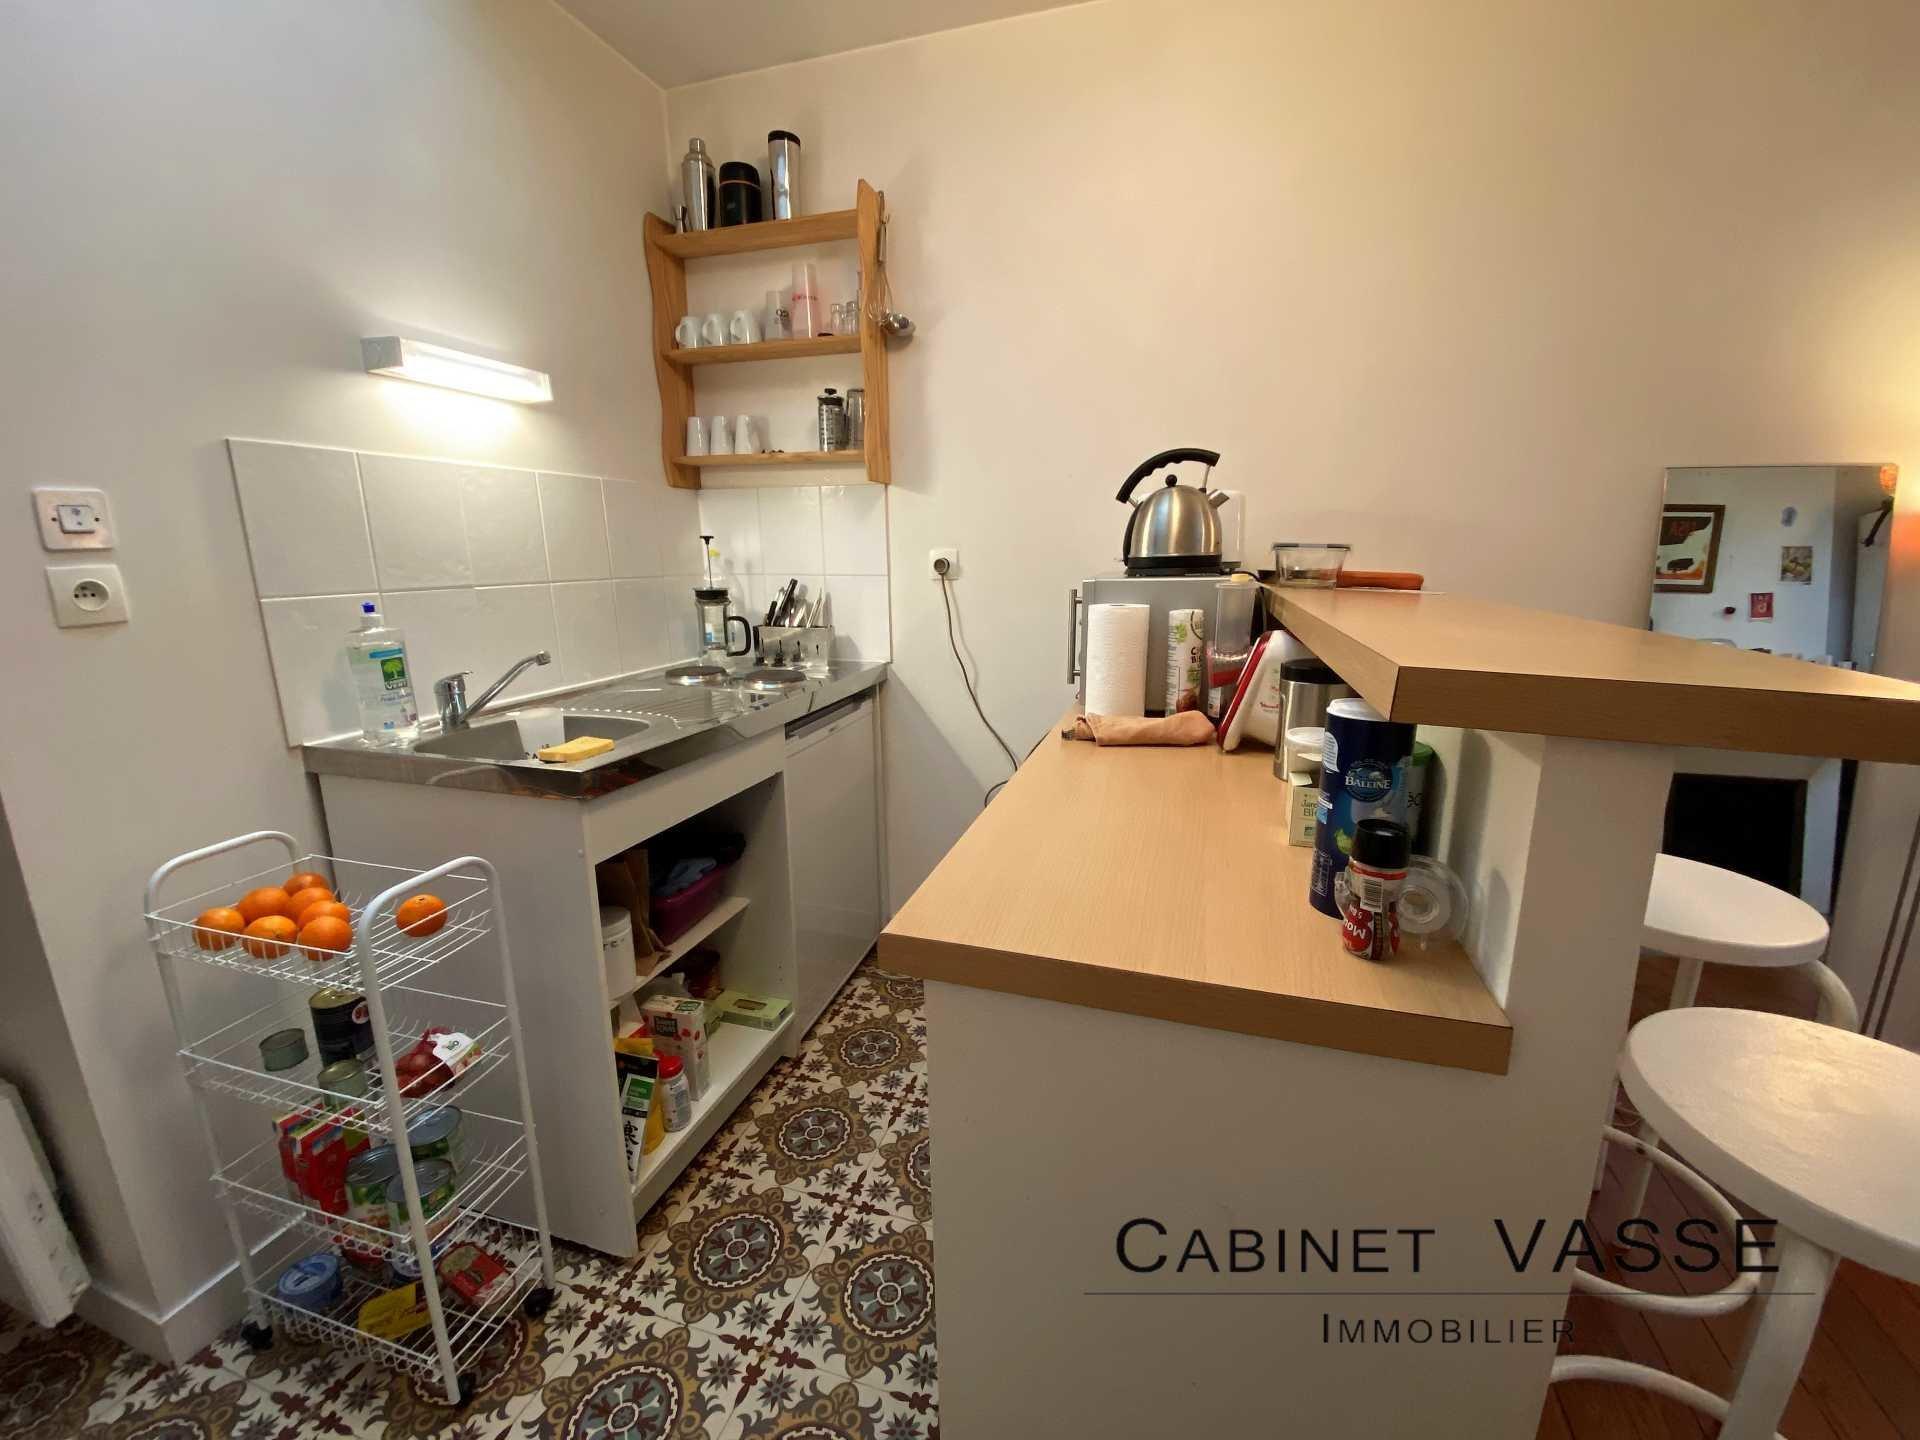 studio, coin cuisine, centre ancien, Caen, vasse, a louer